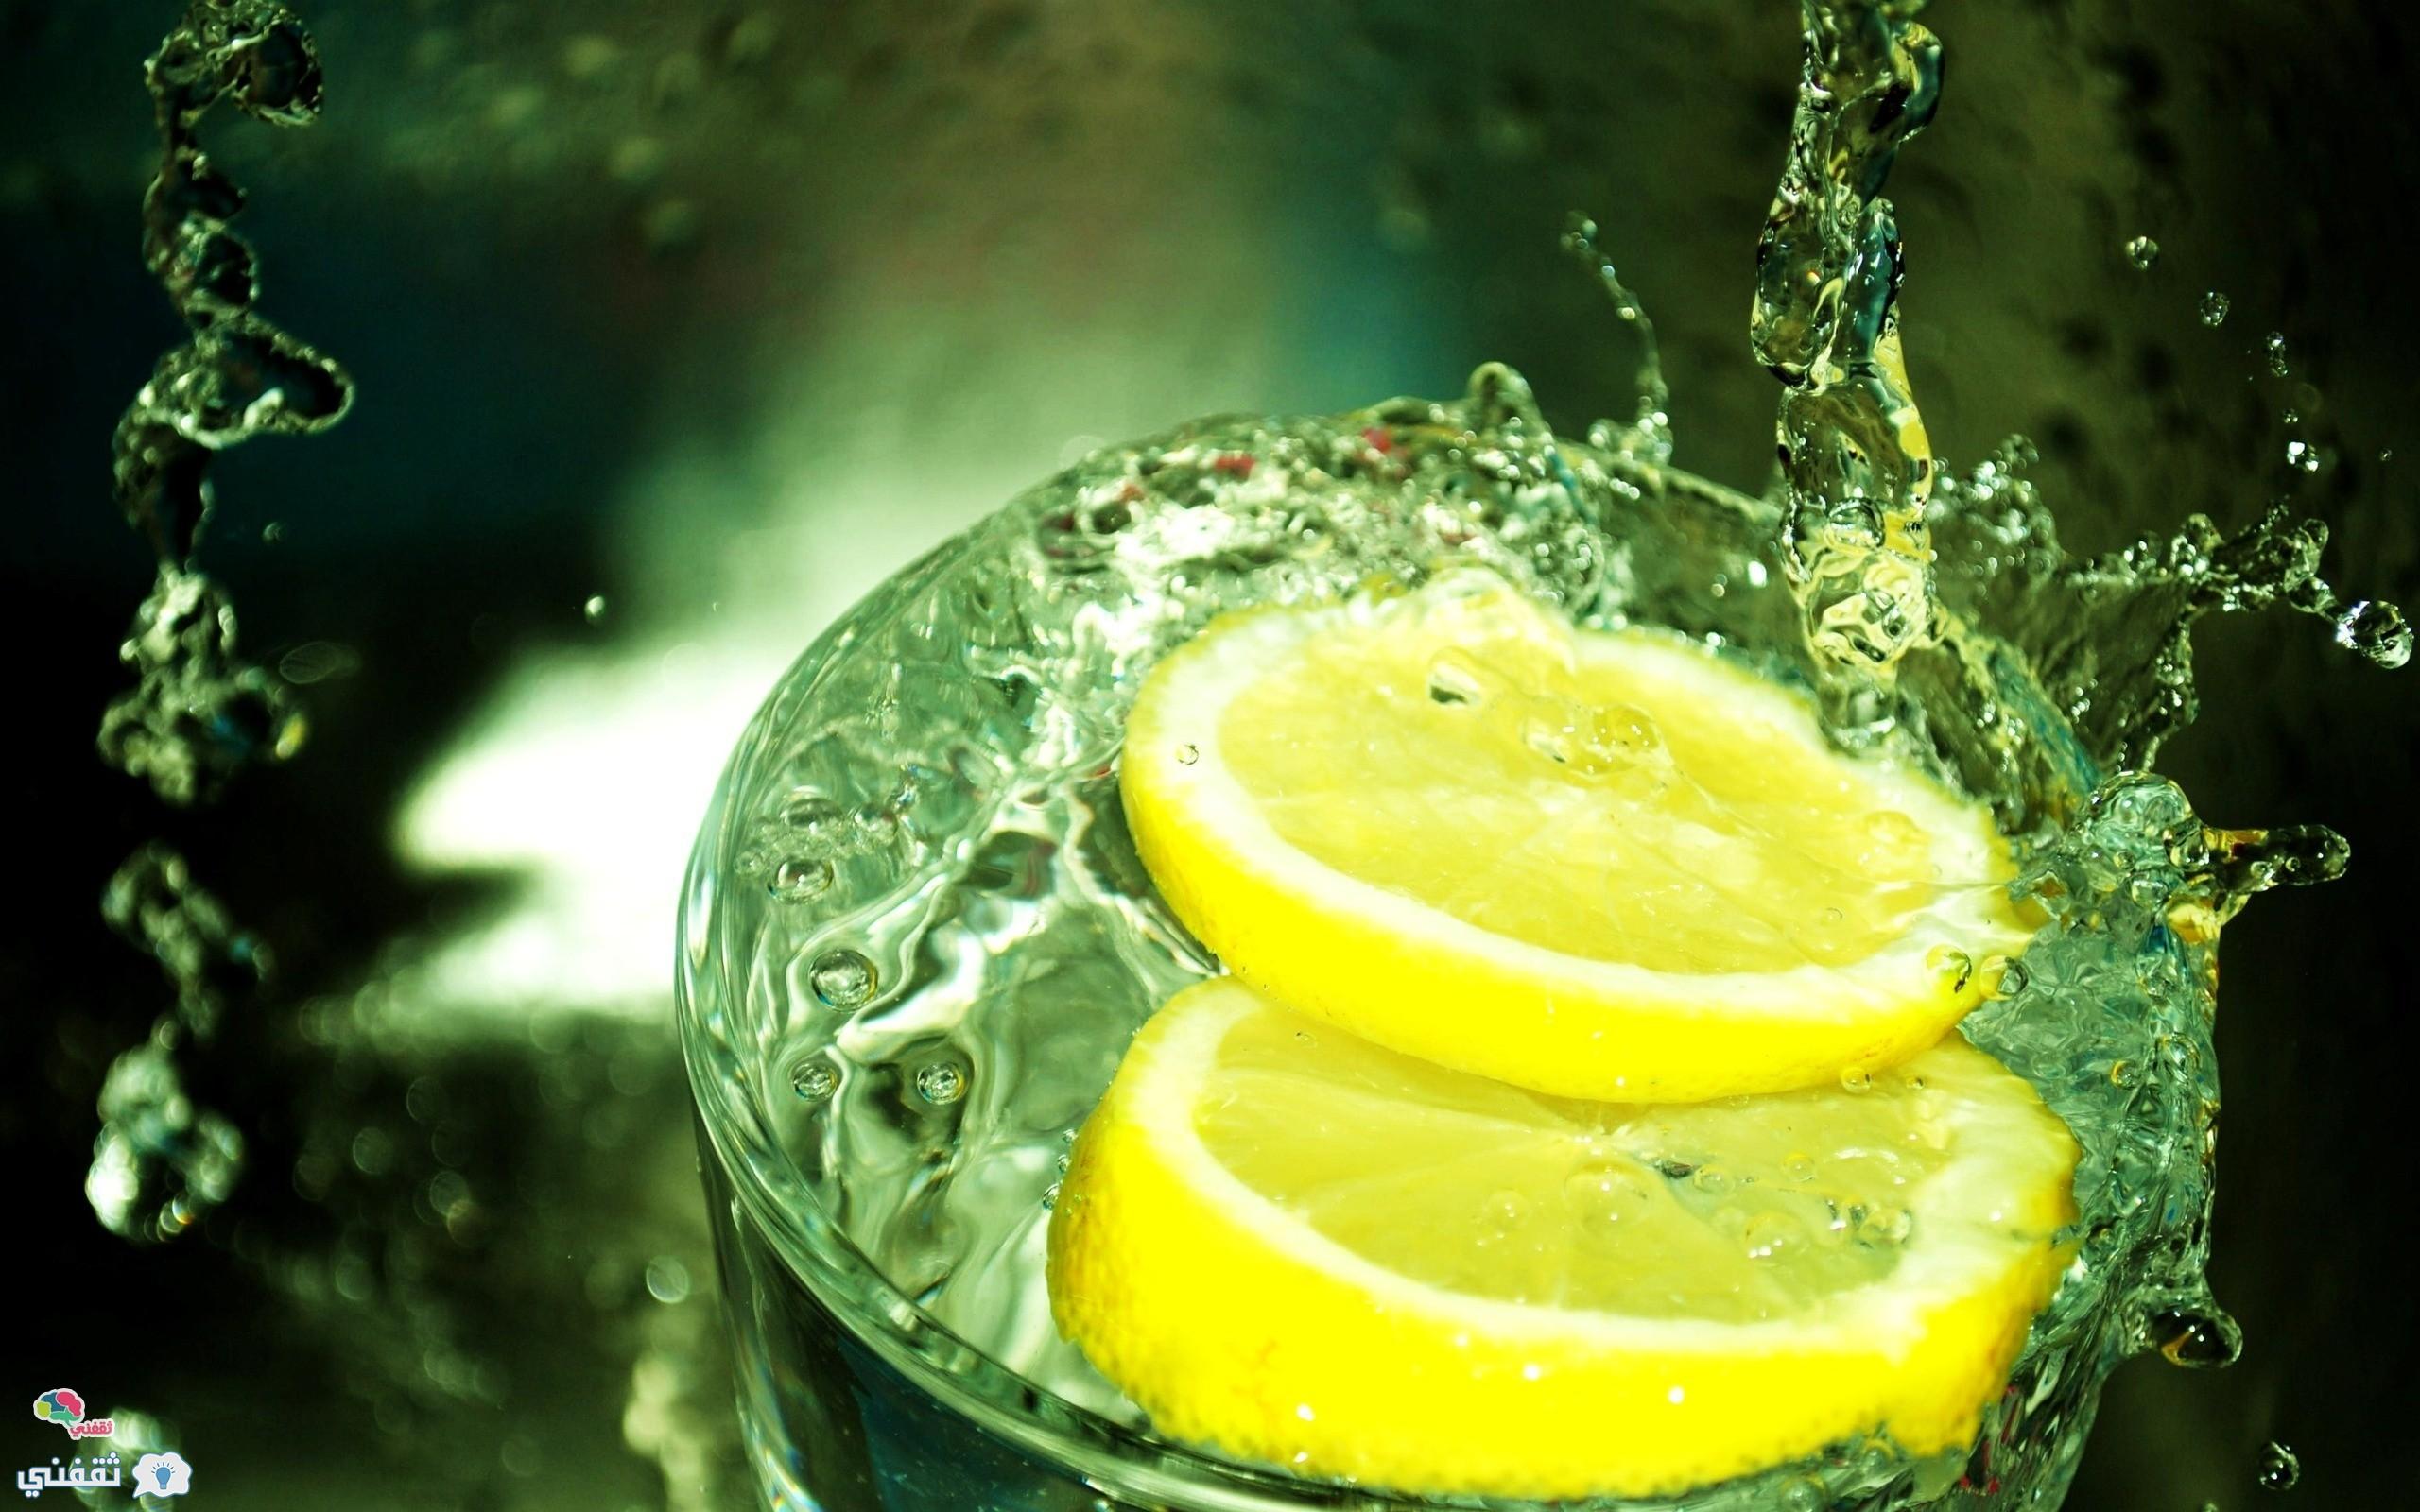 lemon-splash-wide-hd-wallpaper-for-desktop-background-download-lemon-images